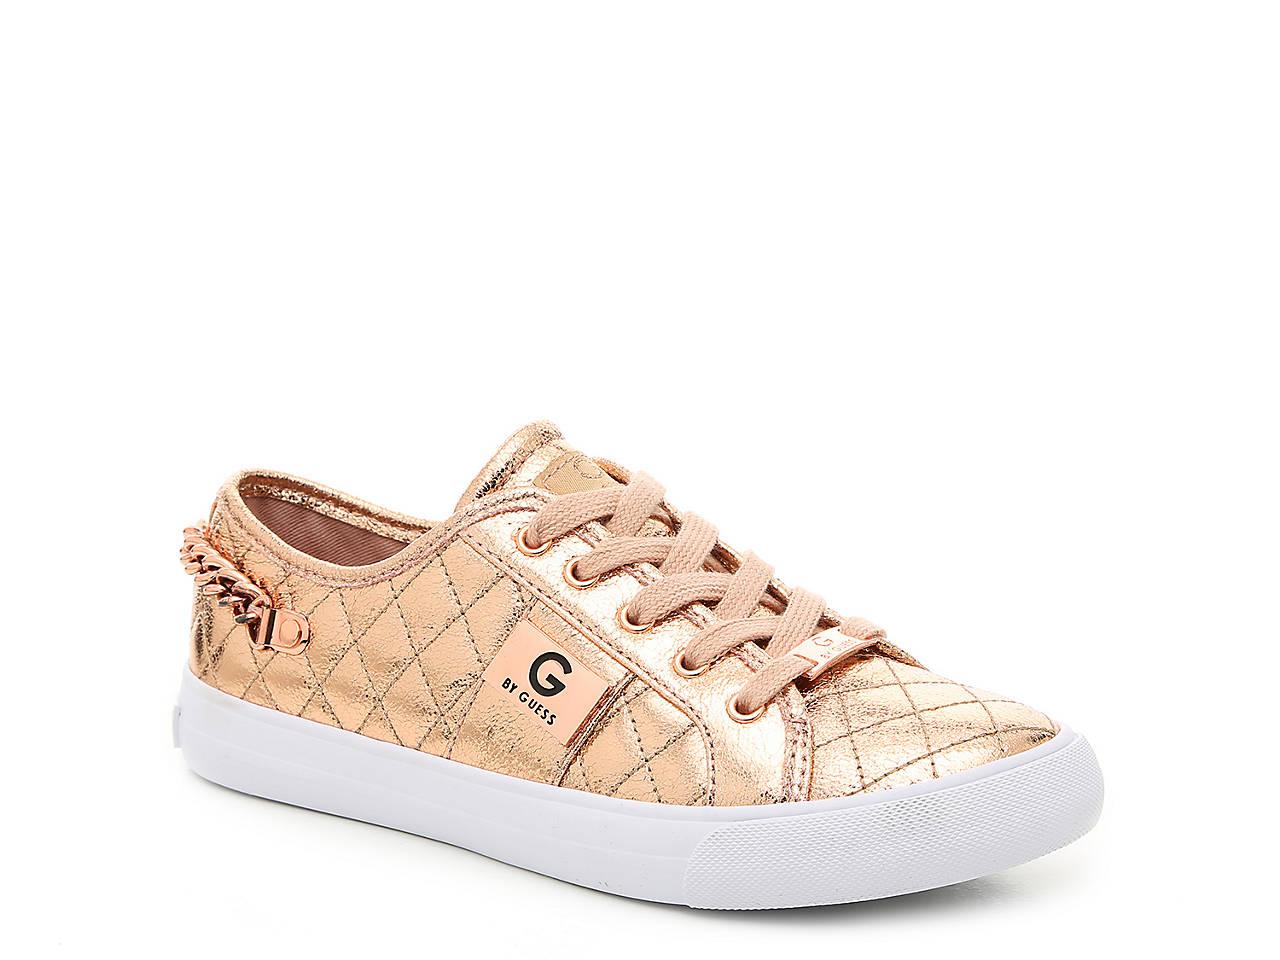 65bb60309 G by GUESS Backerett Sneaker Women's Shoes | DSW